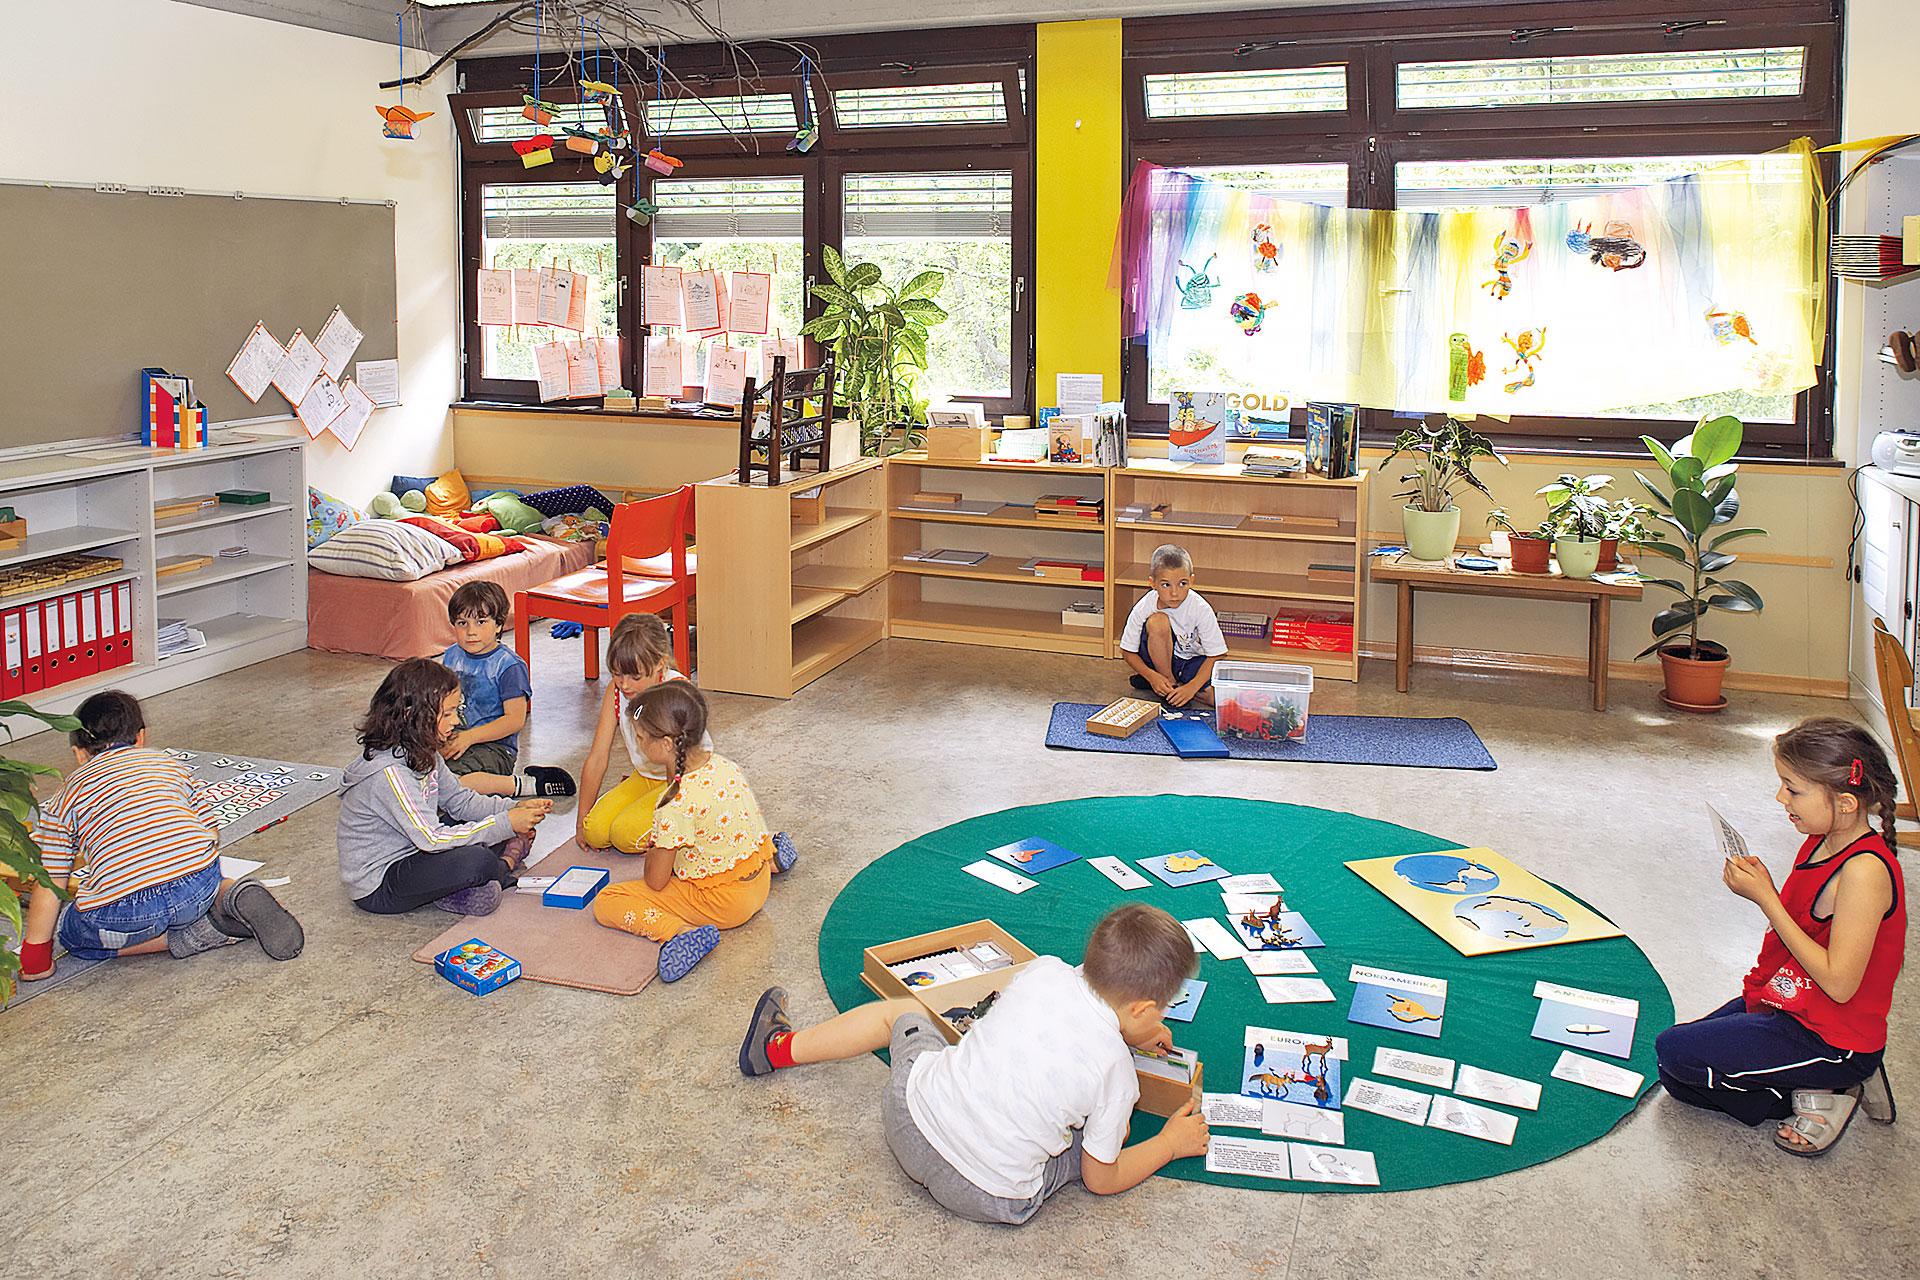 Schüler/innen nutzen das gesamte Schulzimmer zum Lernen